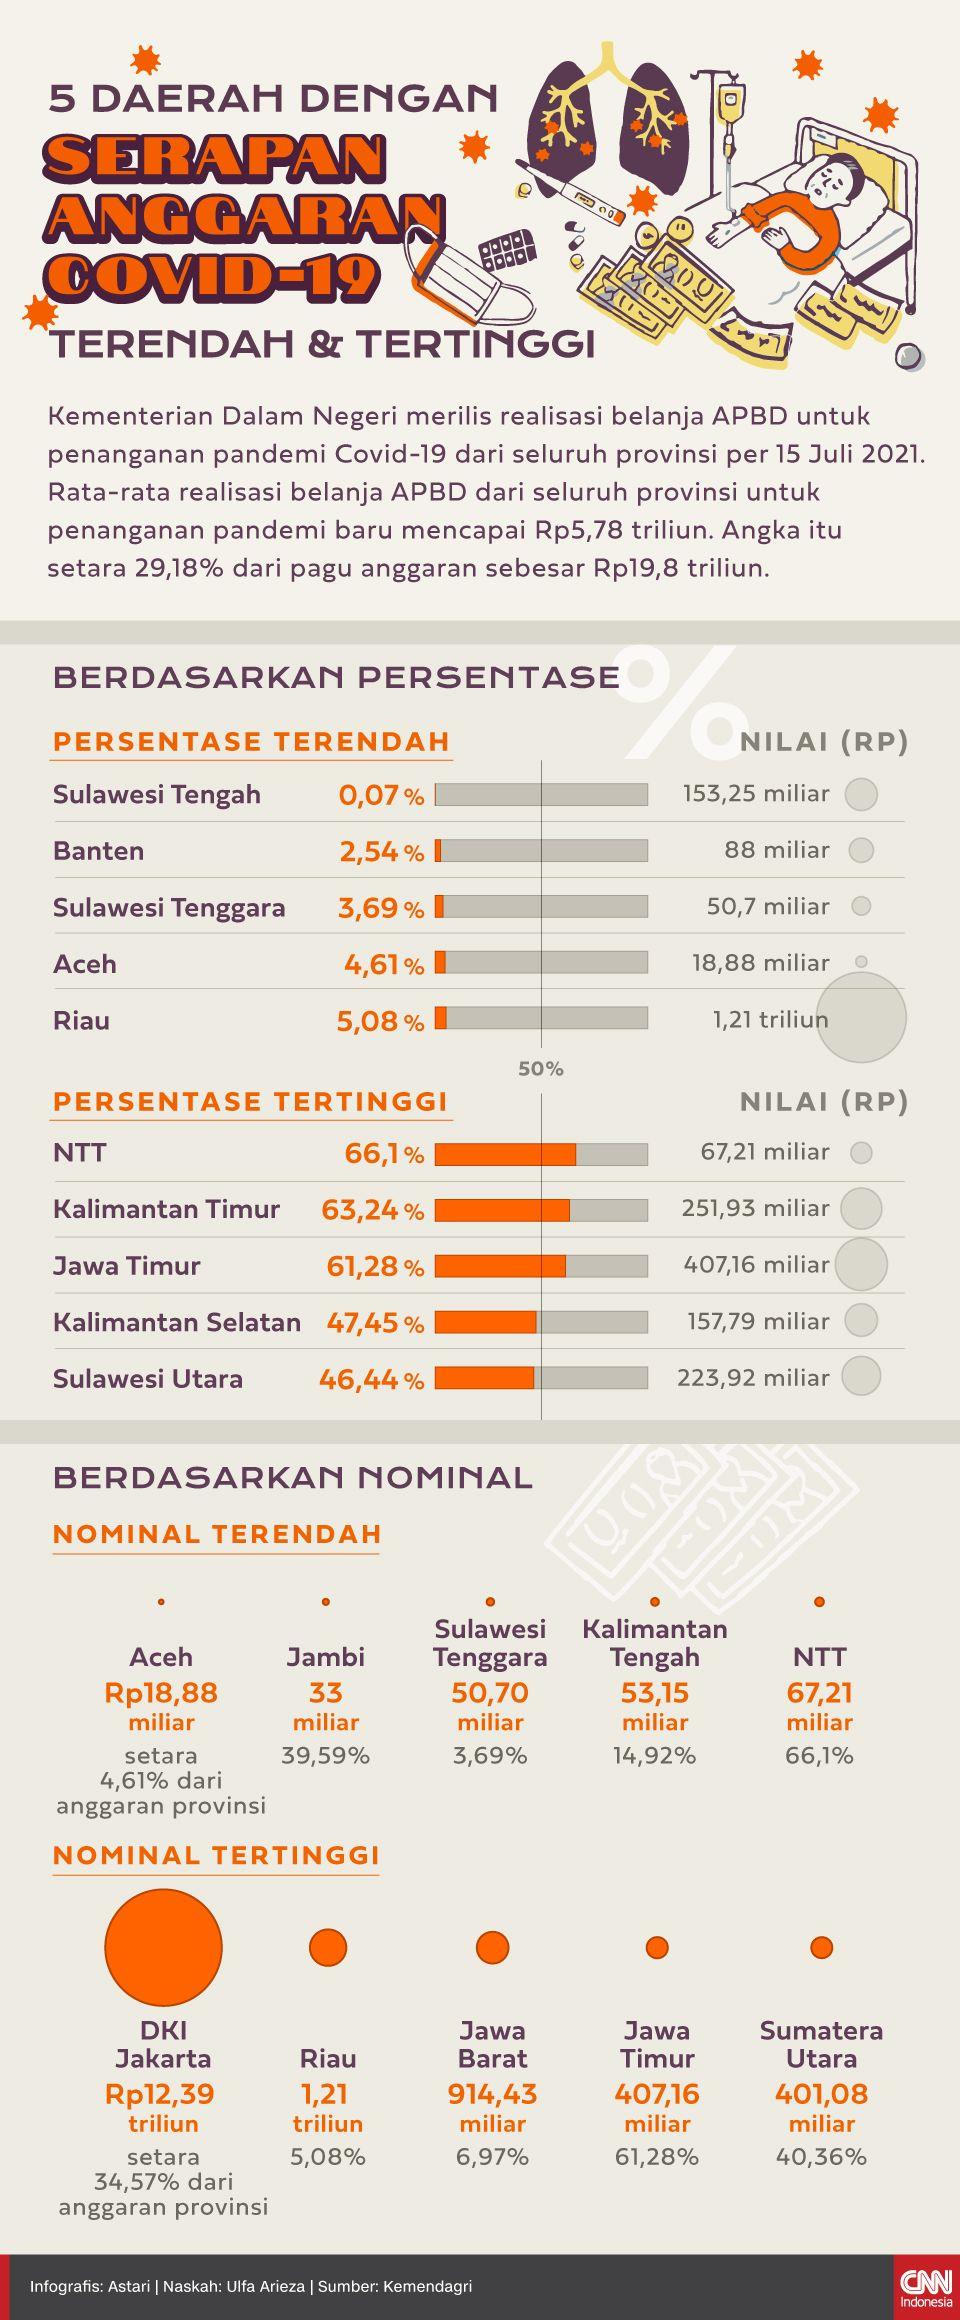 Infografis - 5 Daerah dengan Serapan Anggaran Covid-19 Terendah dan Tertinggi